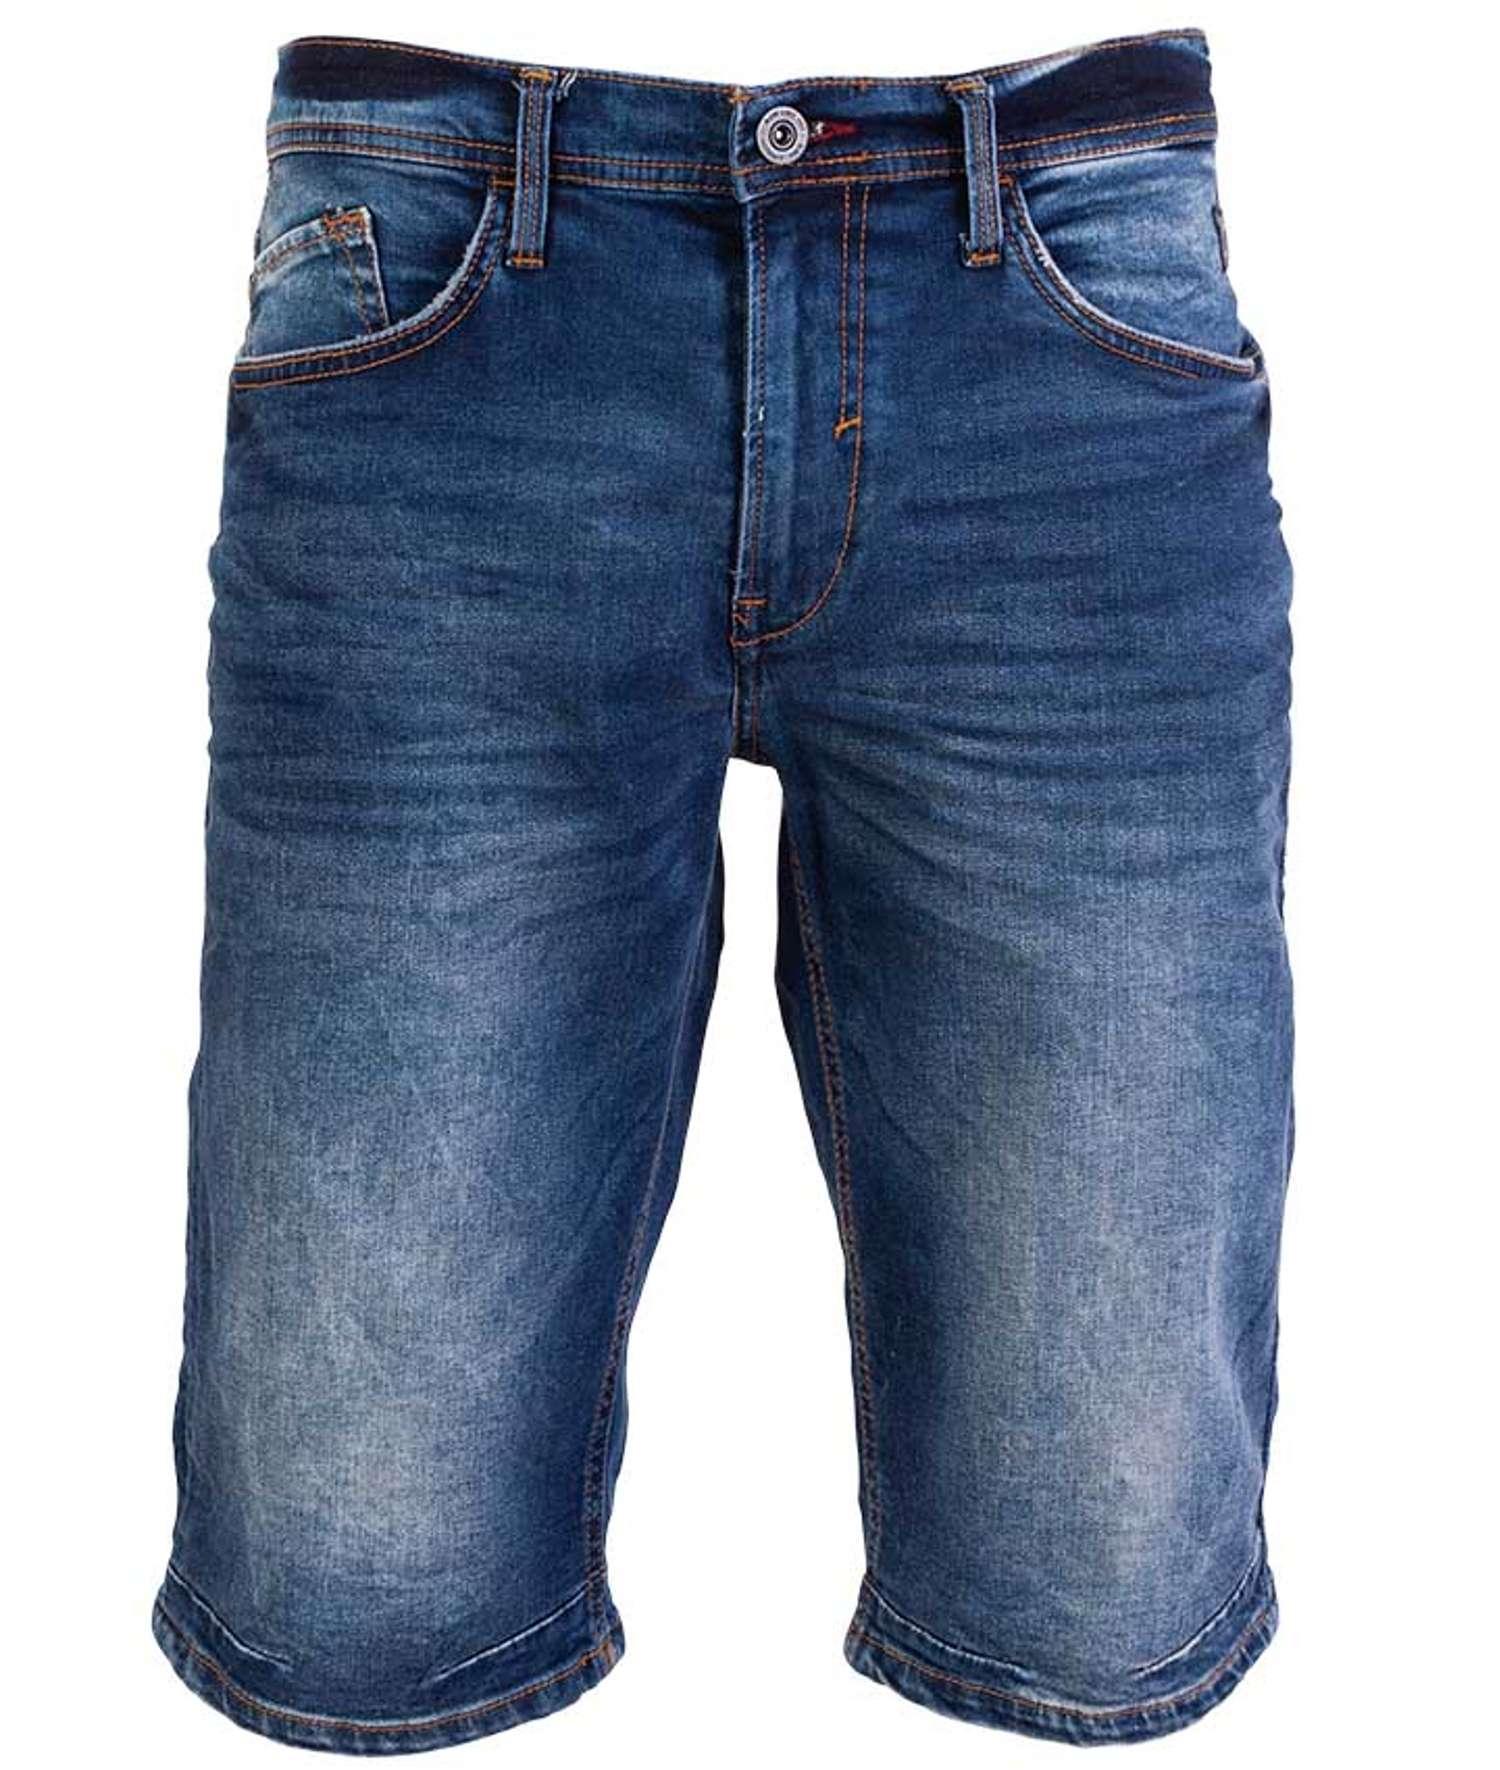 Blend - Denim knickers - Mørkeblå - Størrelse L